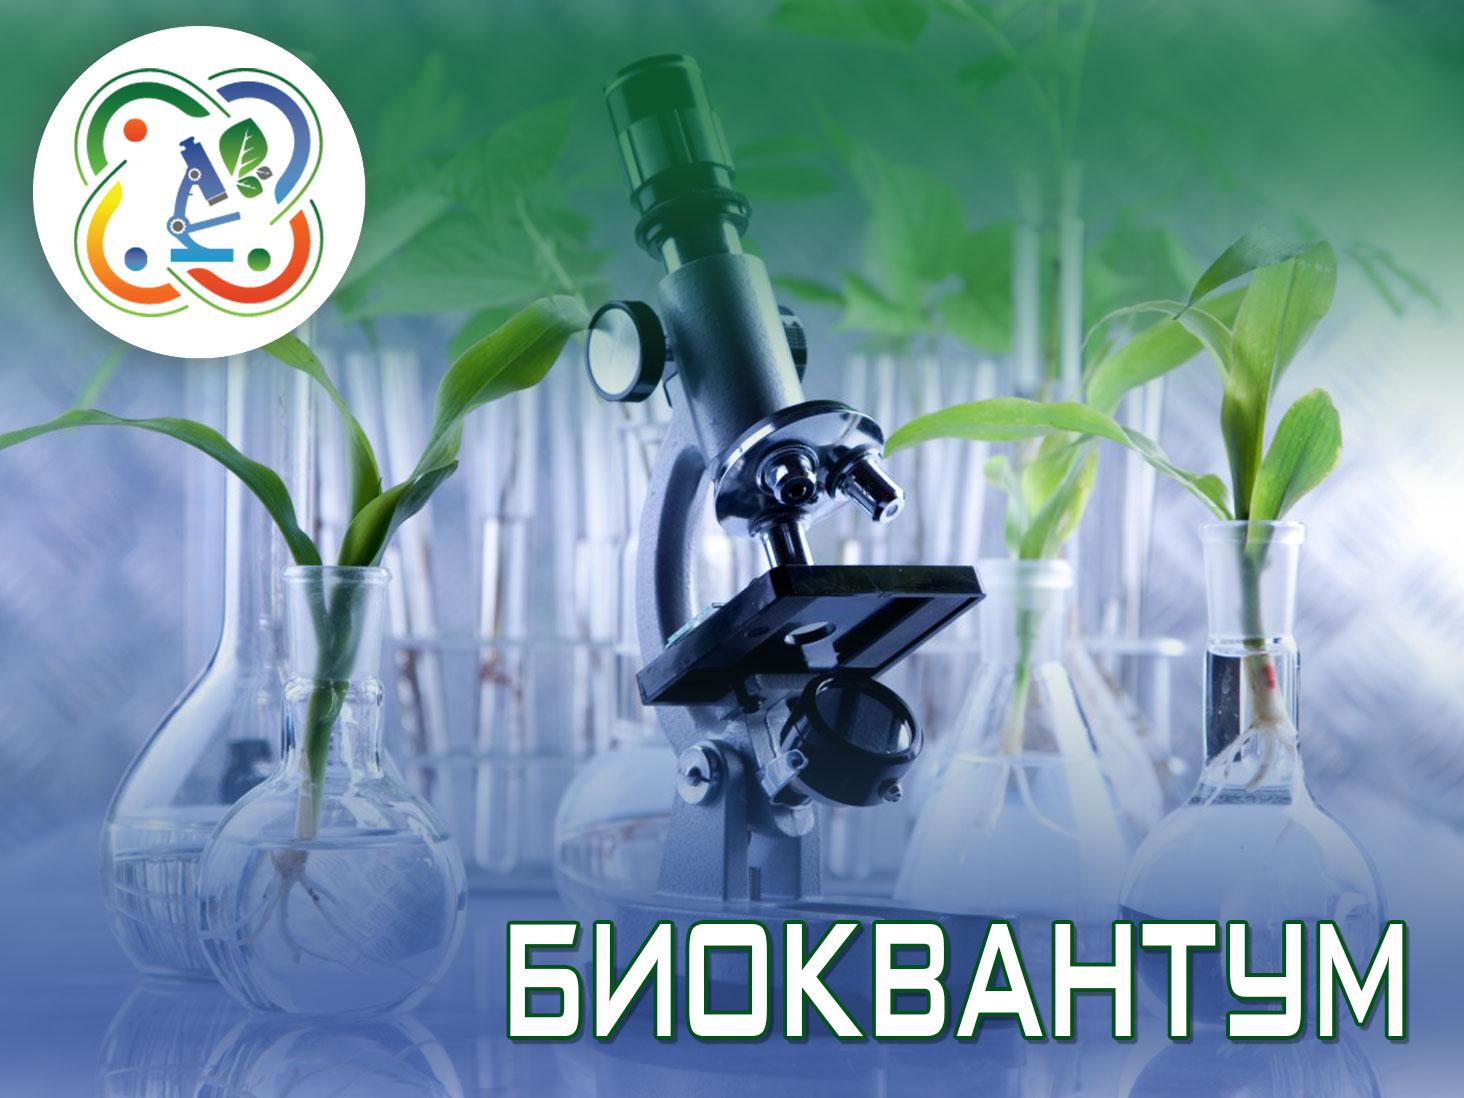 Для тех, кому интересно погрузиться в мир живой природы, микробиологии, физиологии, ботаники, генетики, биотехнологий, для любознательных исследователей невидимого мира.